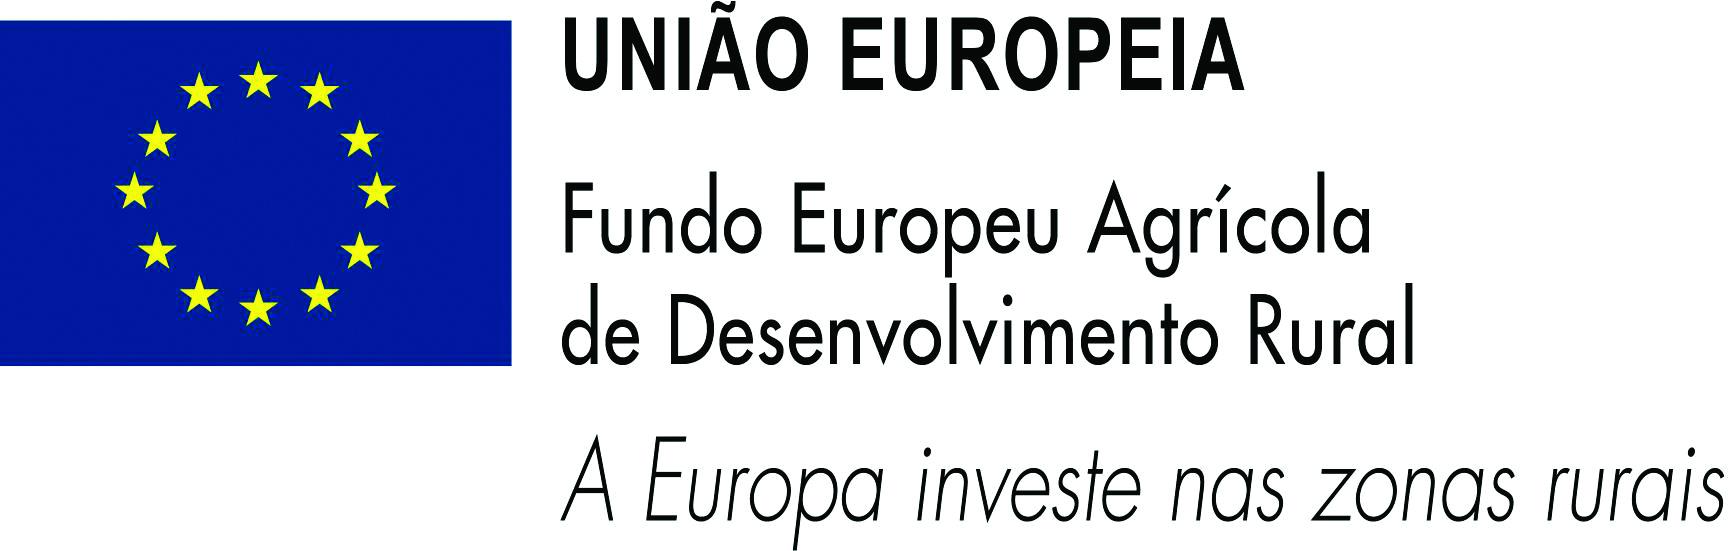 logo Fundo Europeu Agrícola de Desenvolvimento Rural (FEADER)